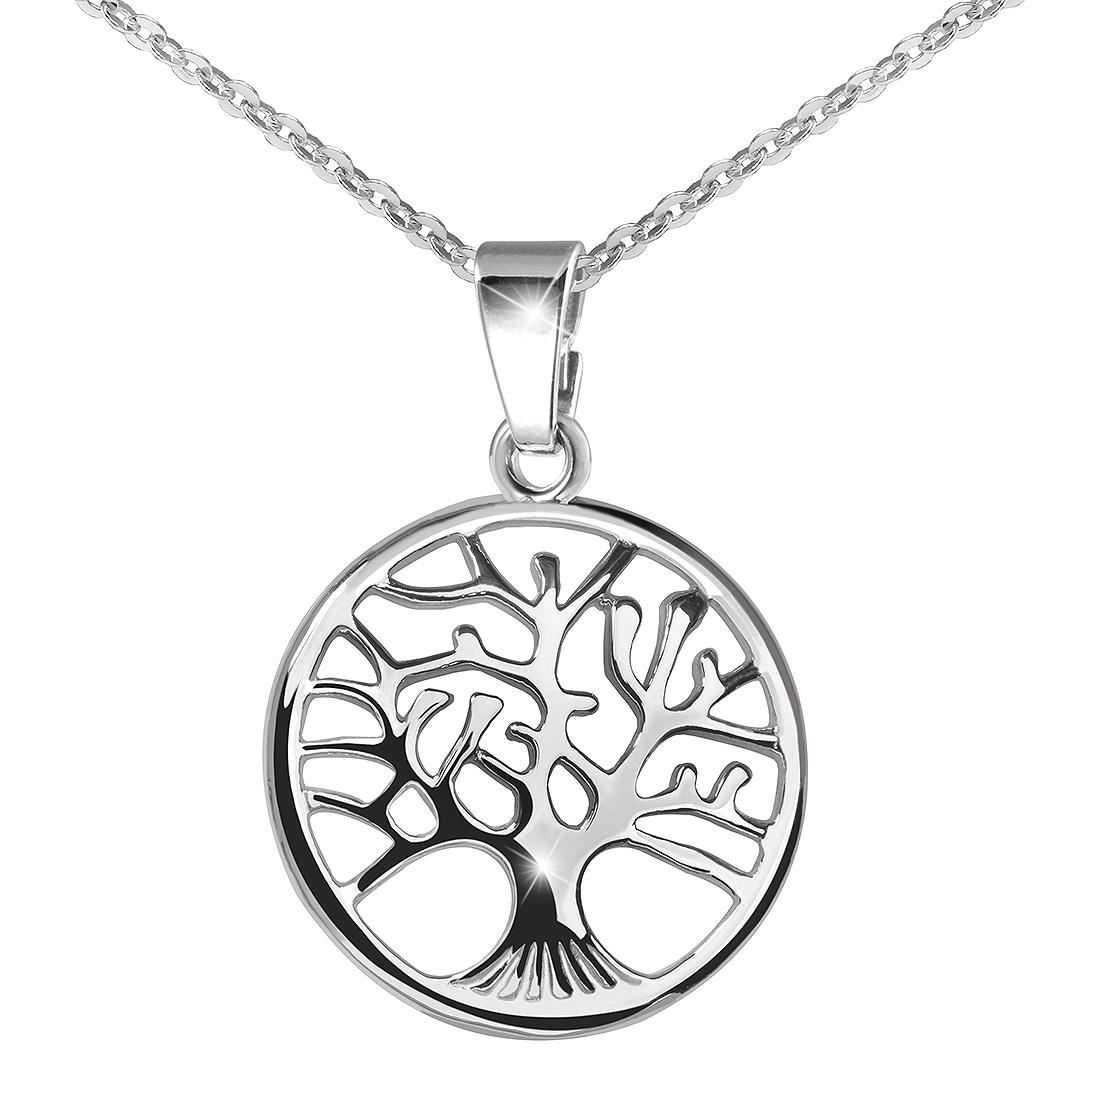 Kettenanhänger Lebensbaum 925 Silber Schmuck Anhänger für Halskette